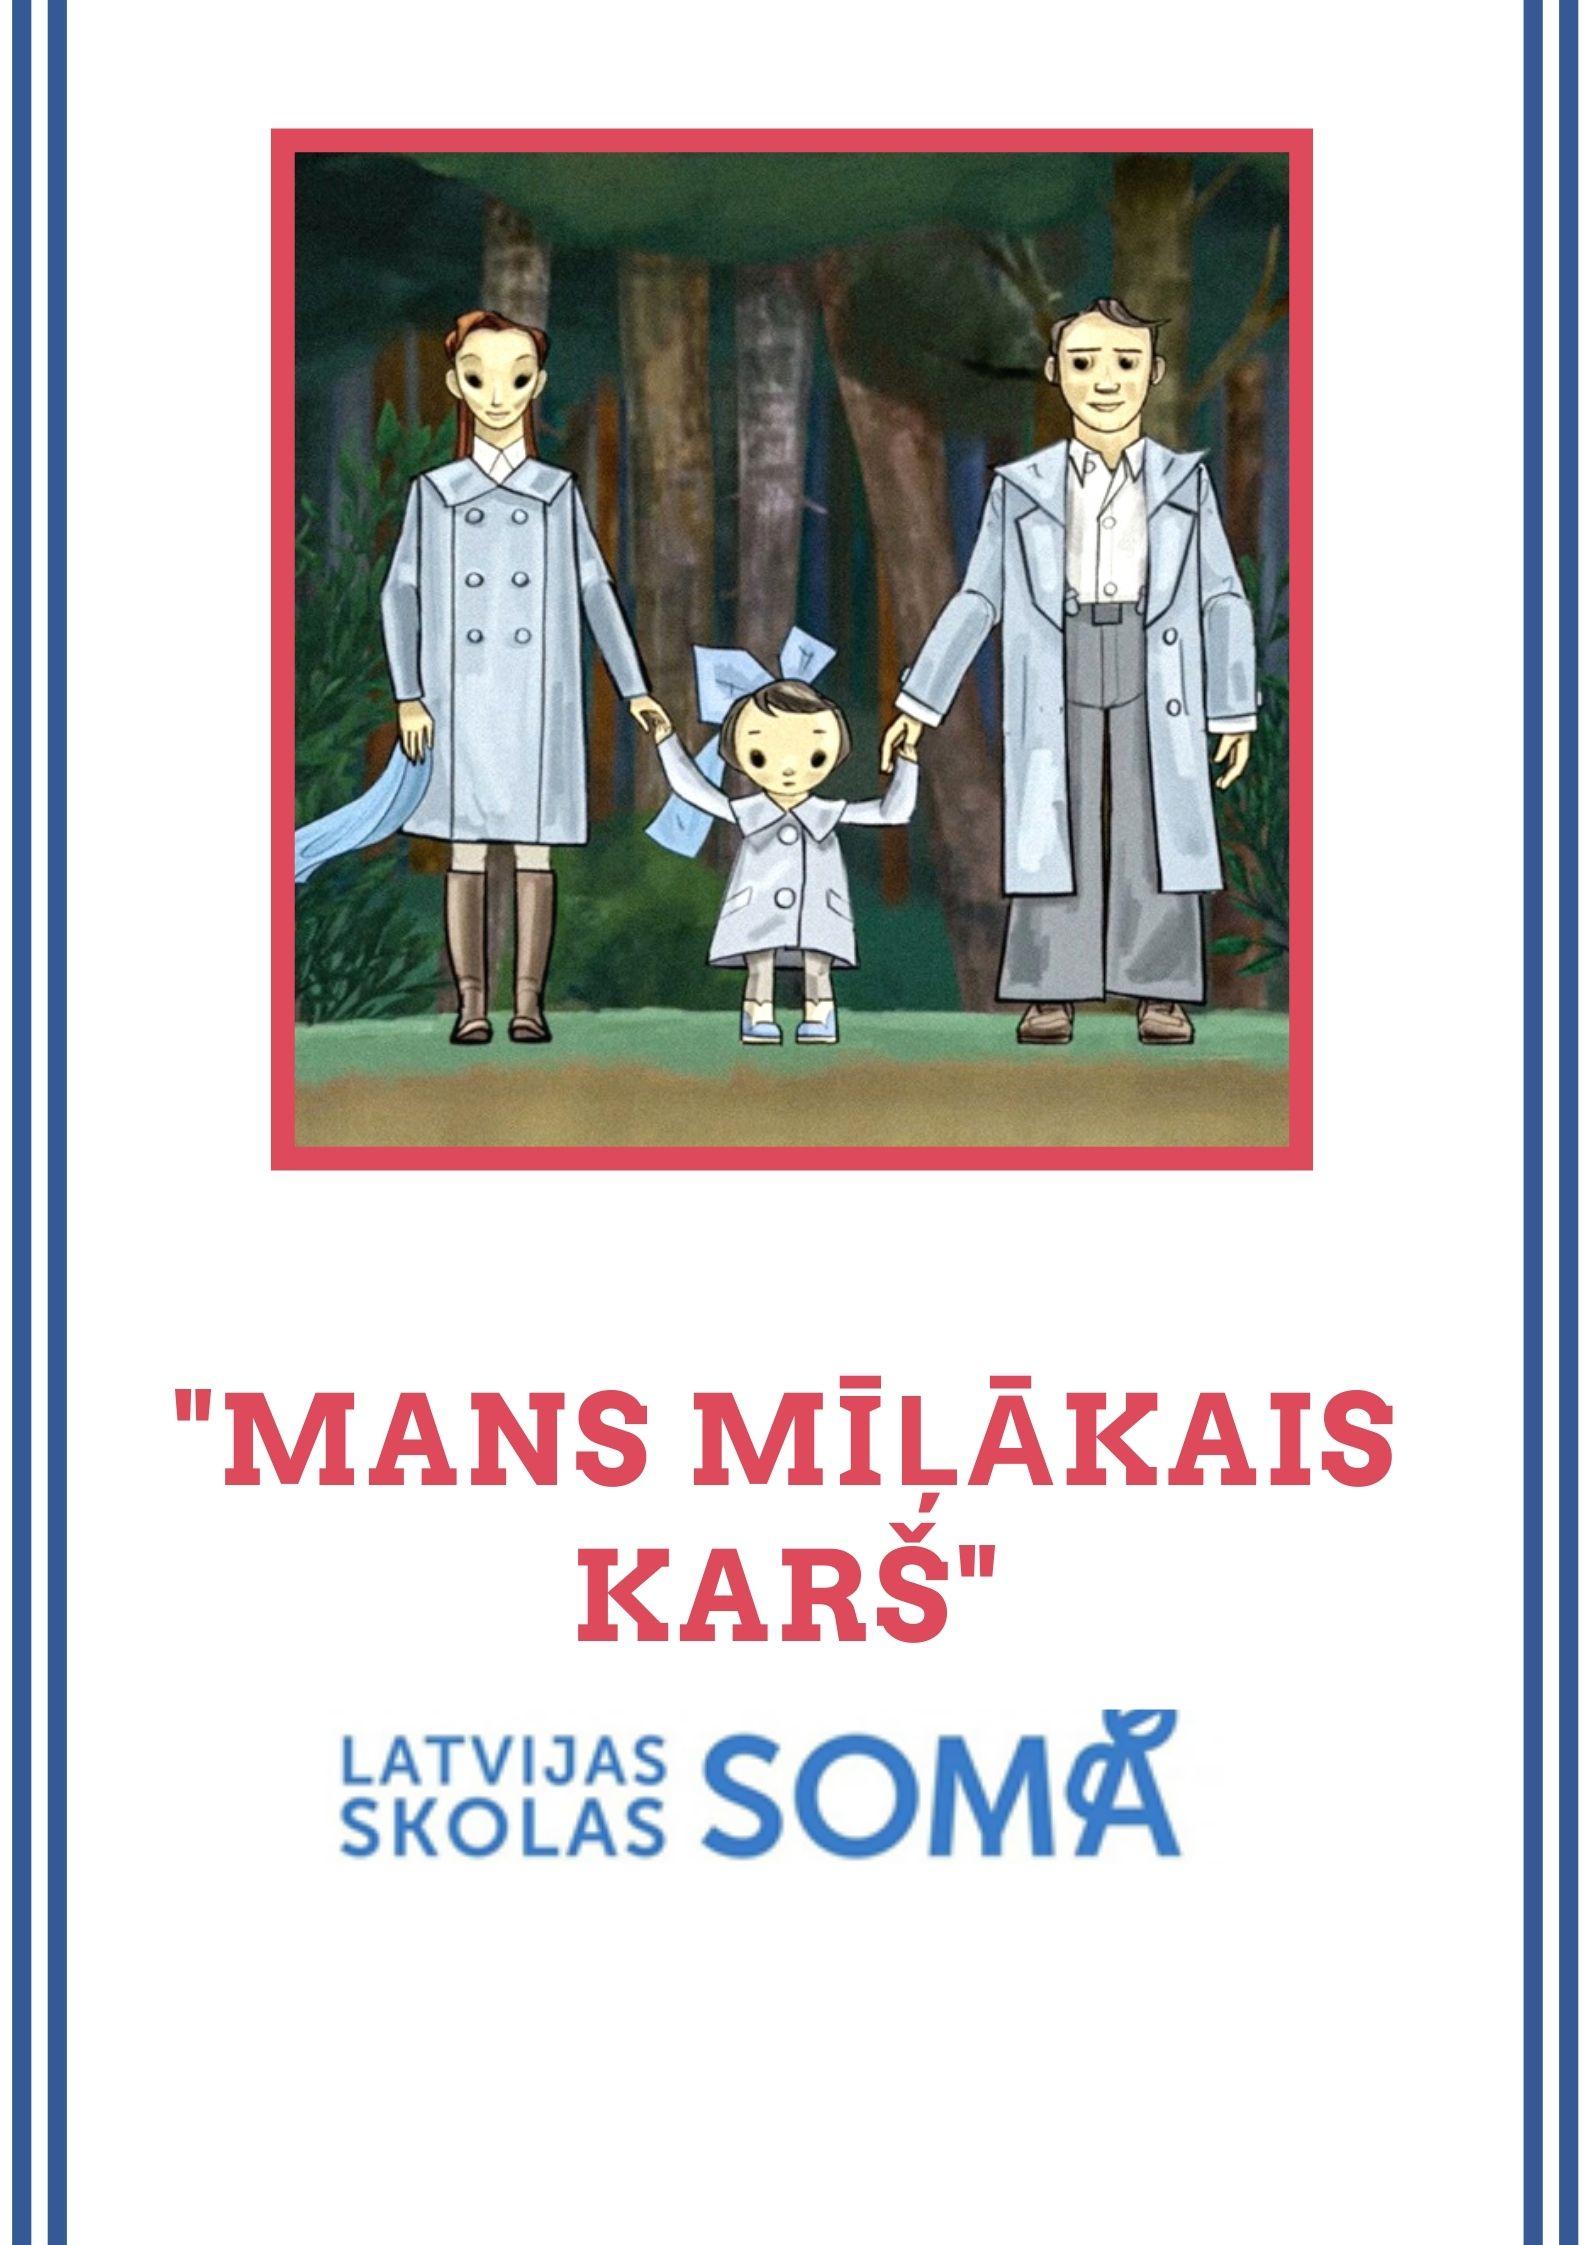 """Latvijas skolas somas piedāvātā filma """"Mans mīļākais karš"""" (Edgars Upītis, 8.n klases skolnieks)"""